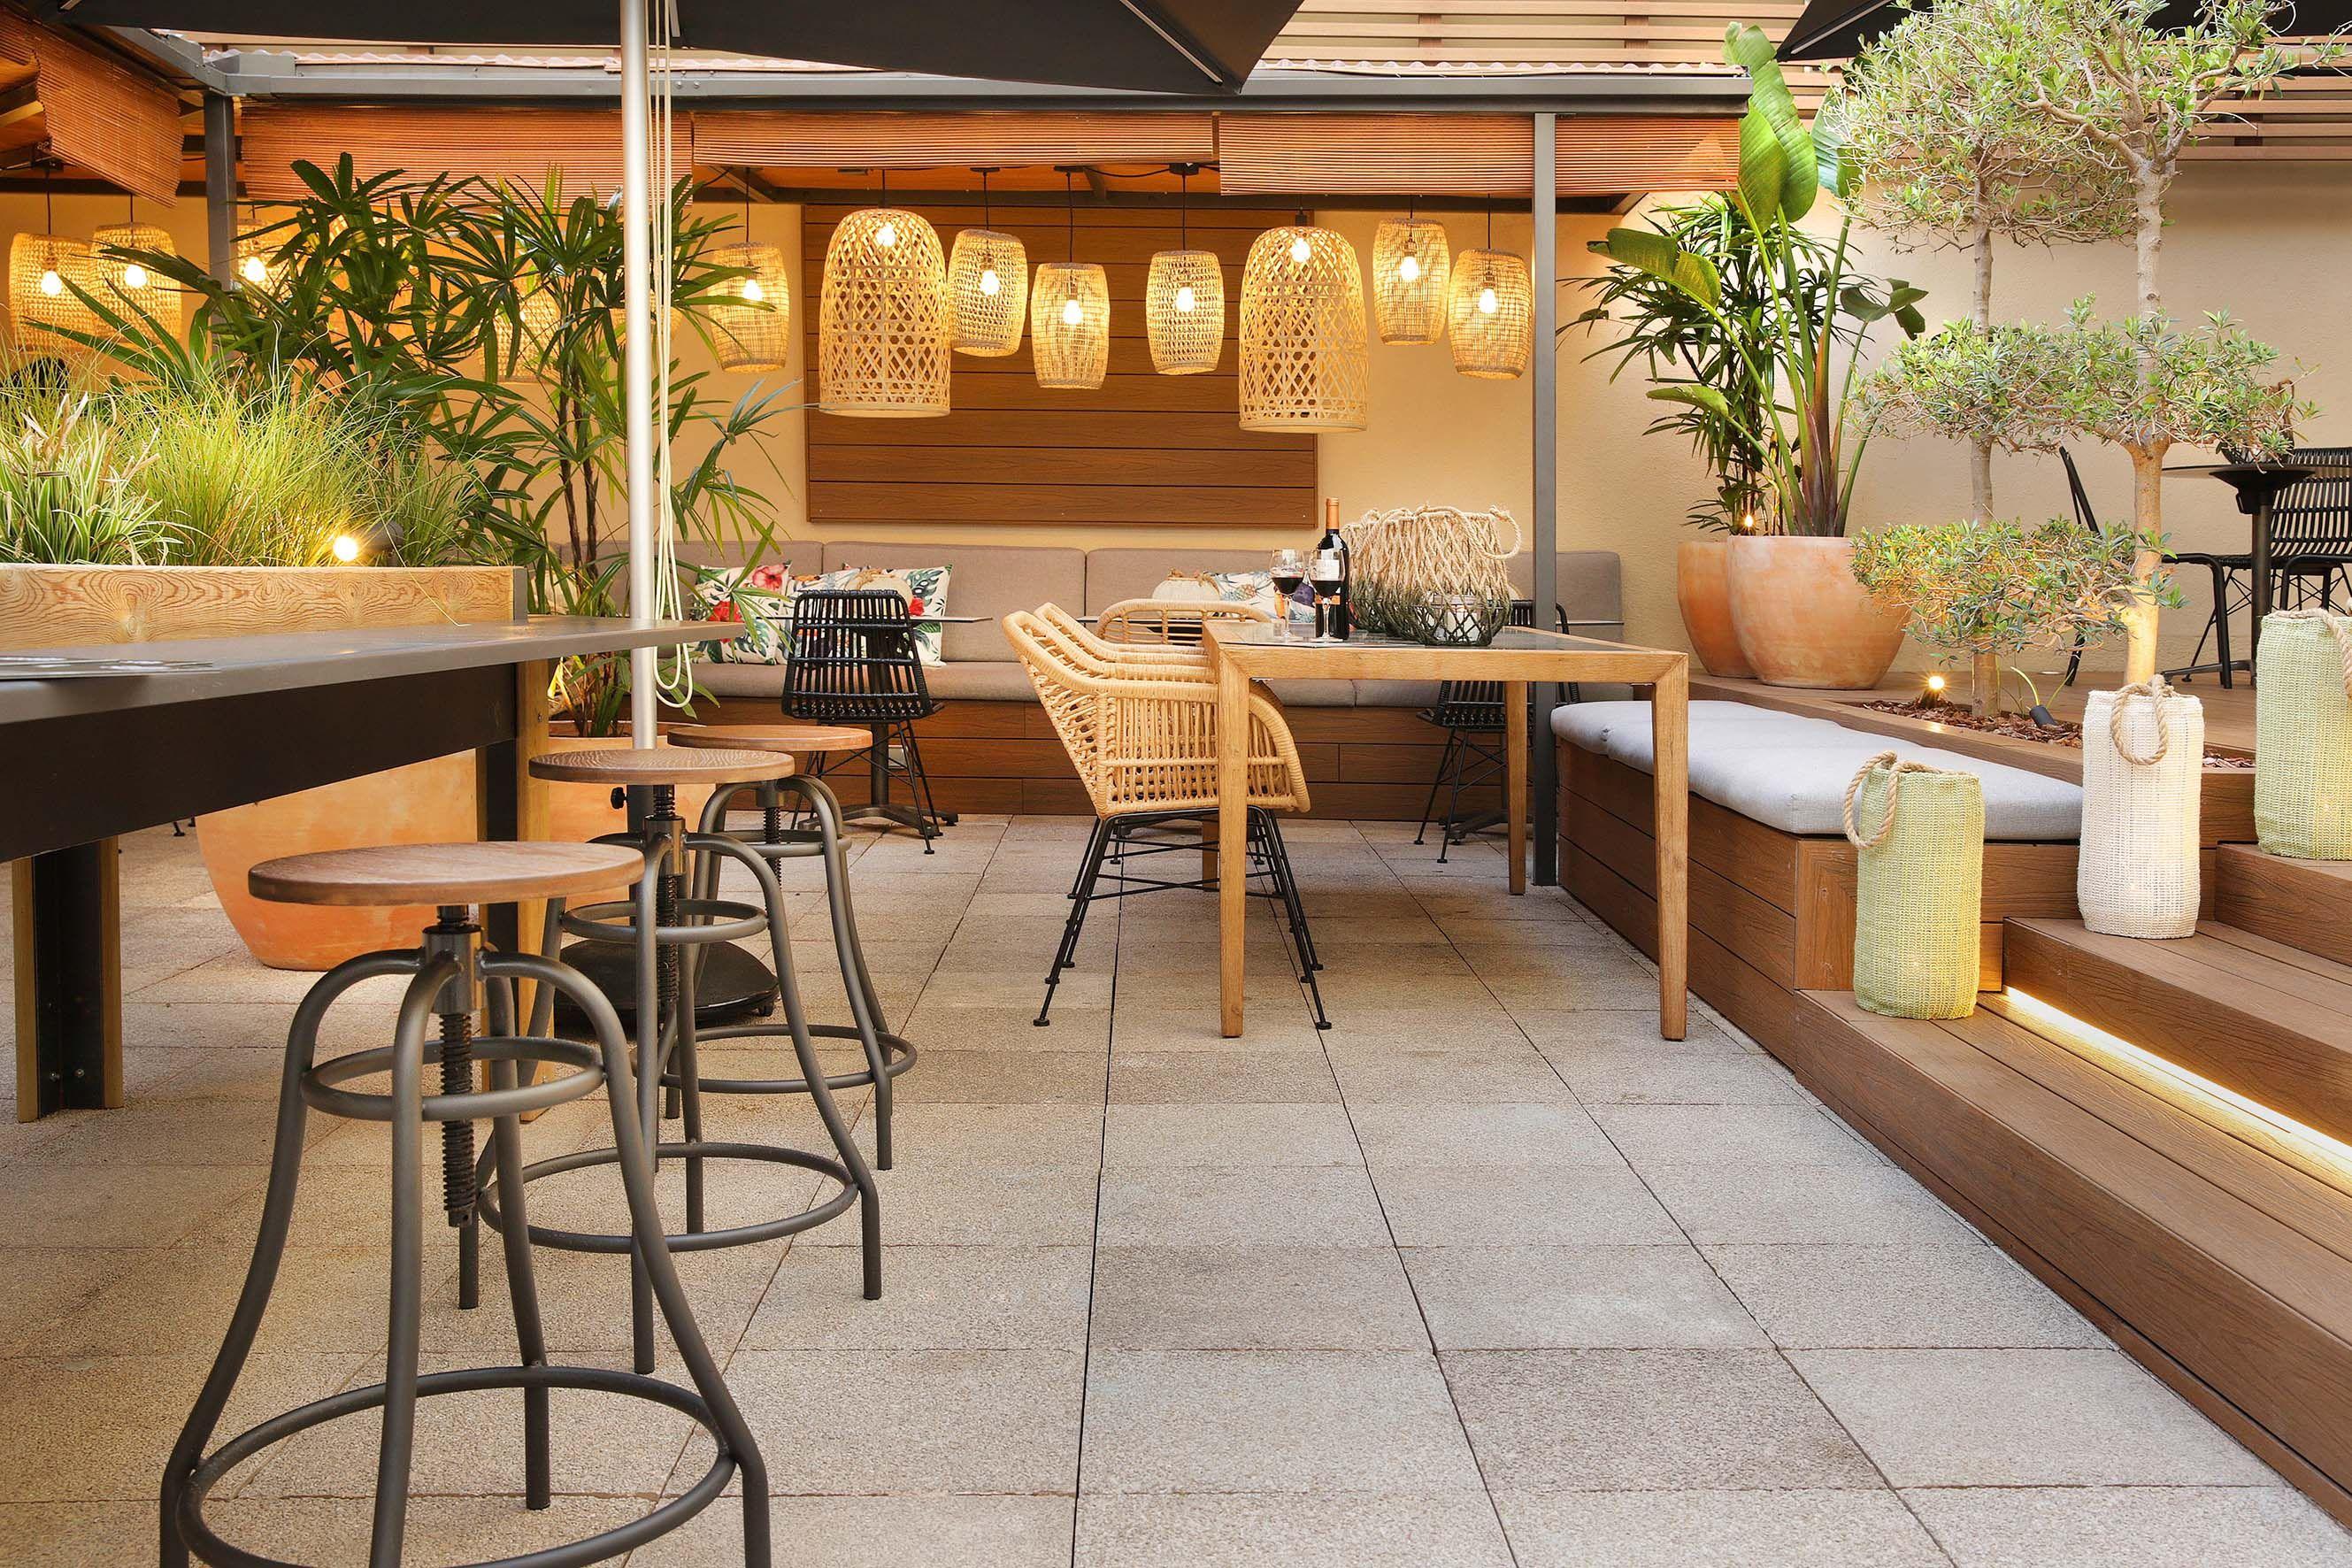 Home Diseño Del Restaurante Interiores Y La Huesped